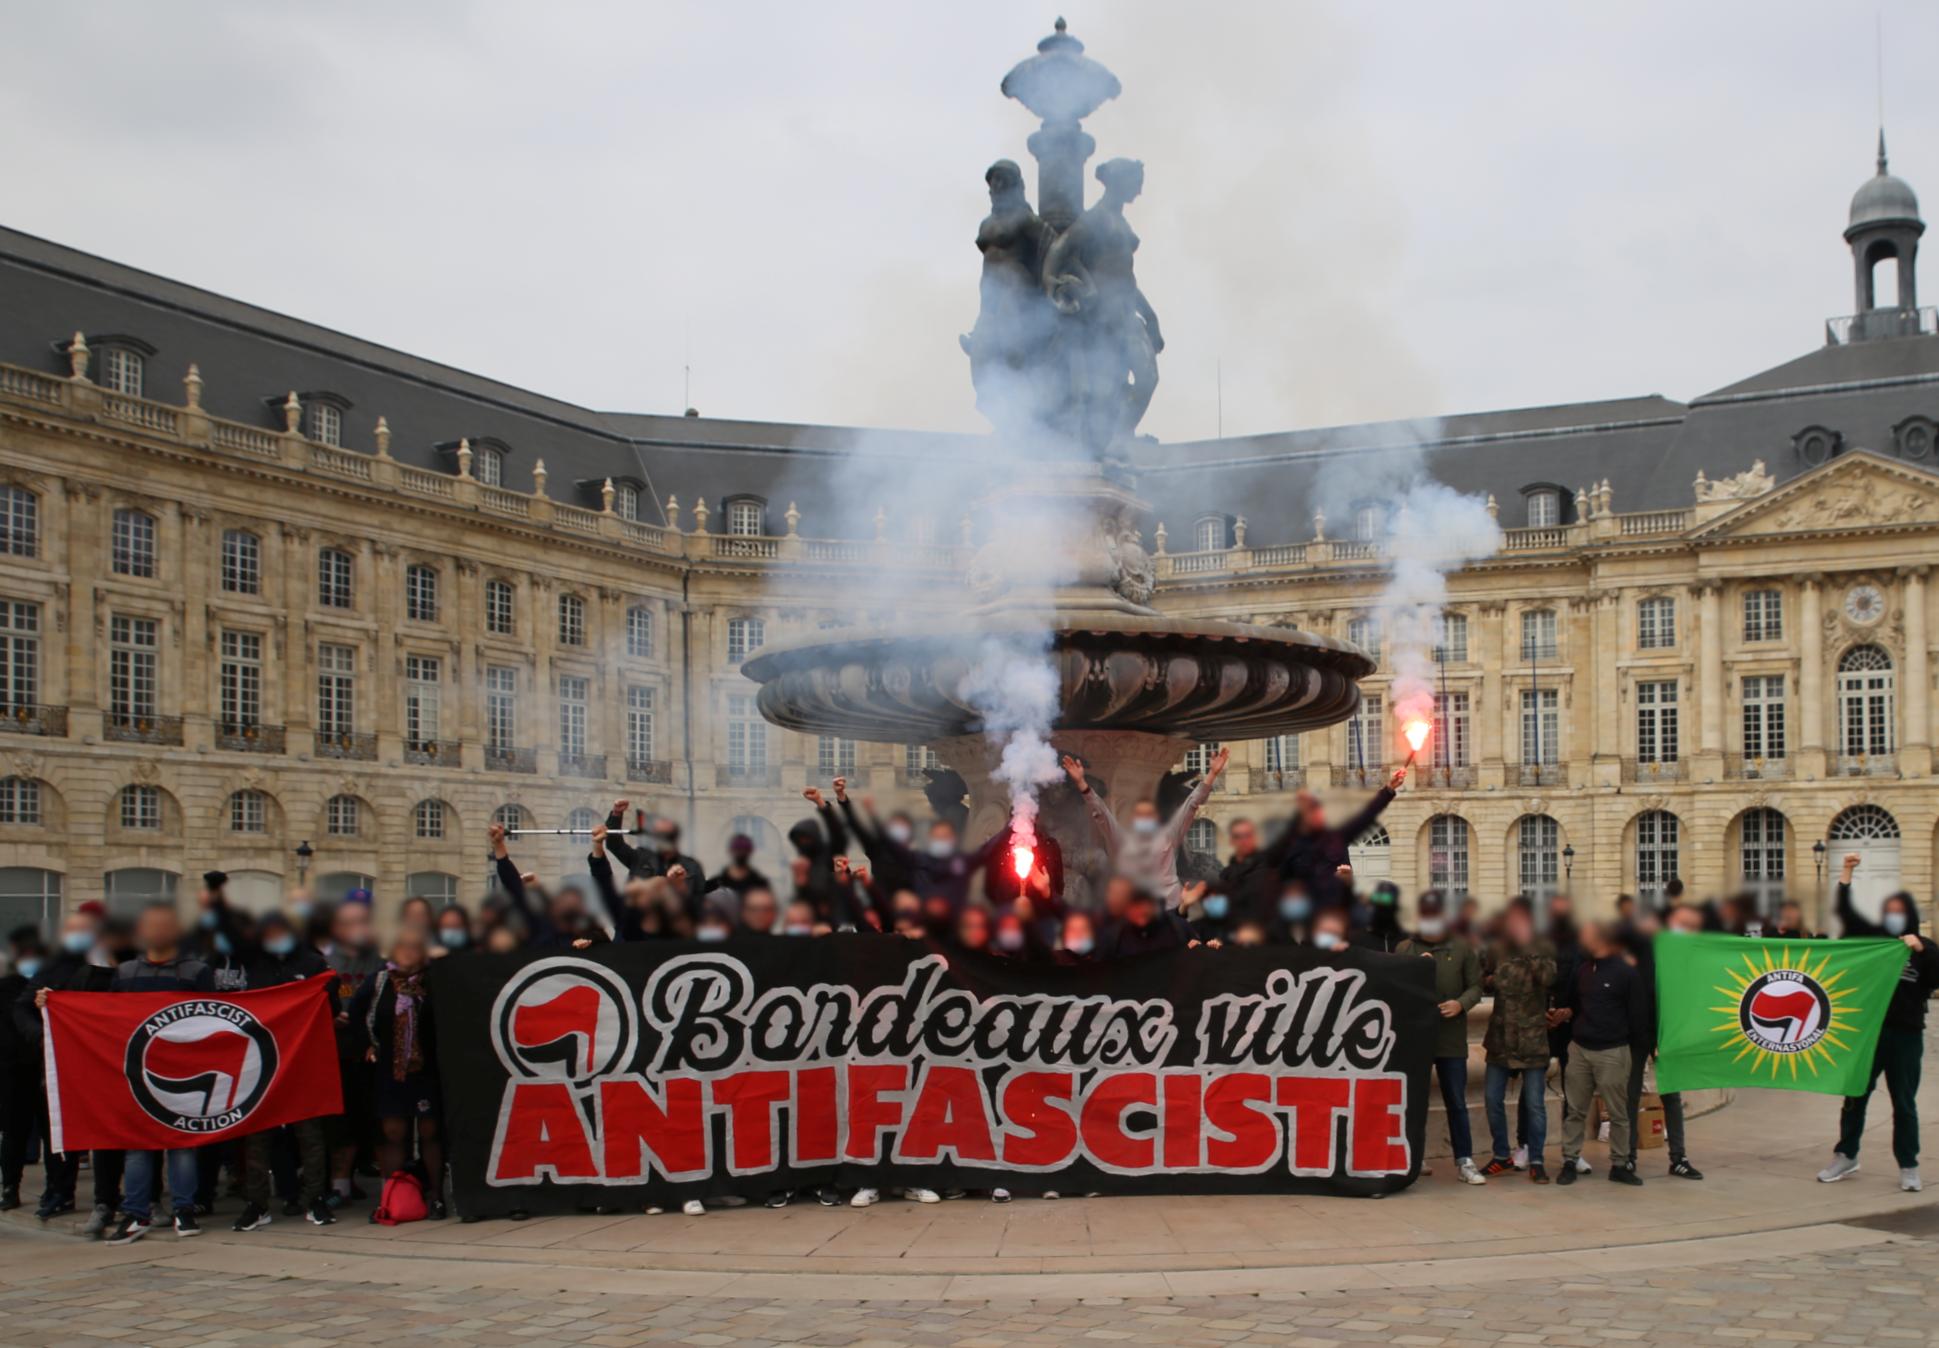 Offensive Antifasciste Bordeaux